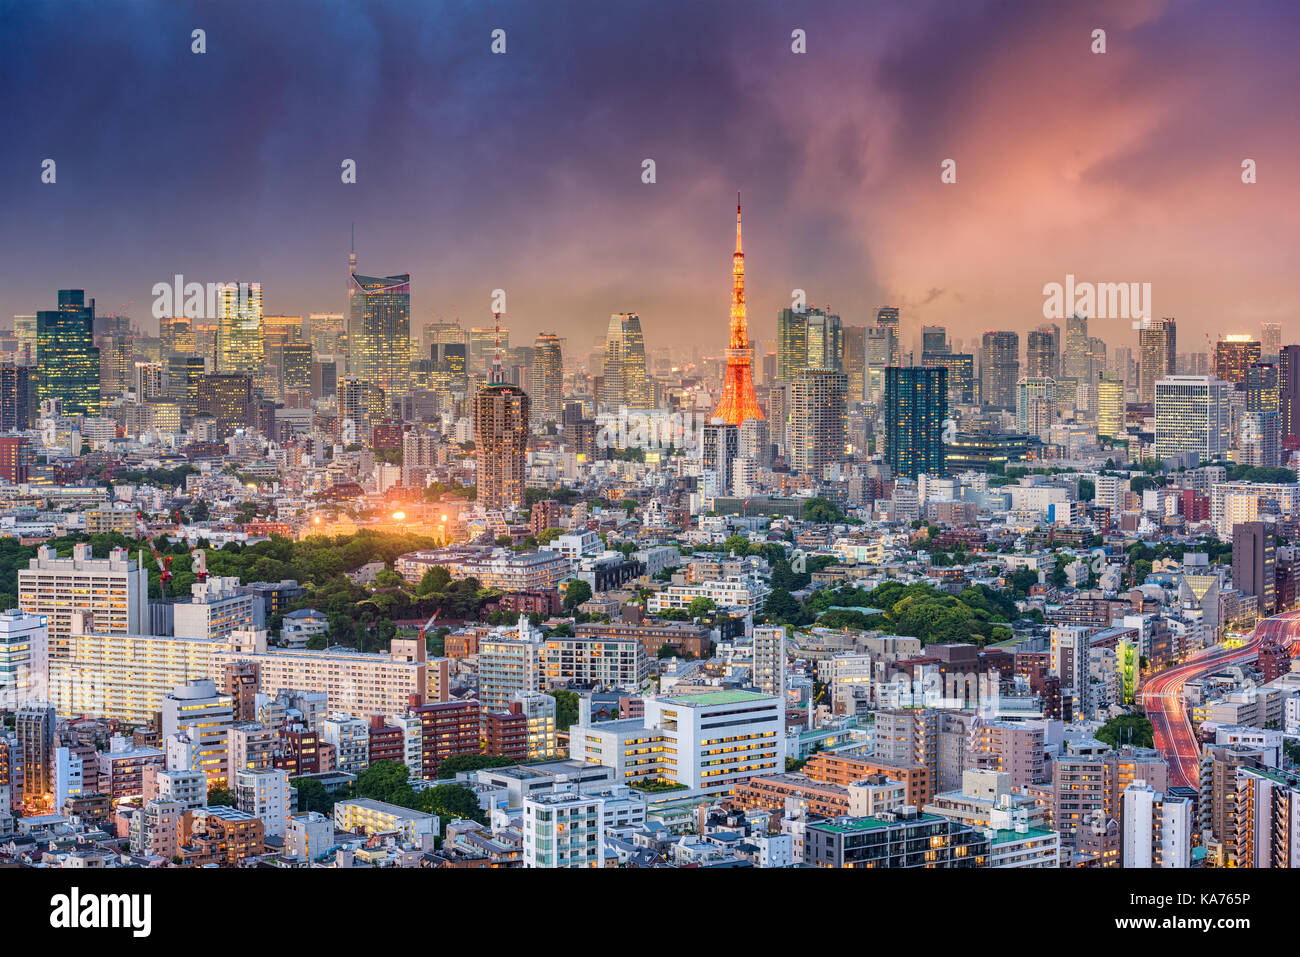 Tokio, Japan Stadtbild in der Abenddämmerung. Stockbild